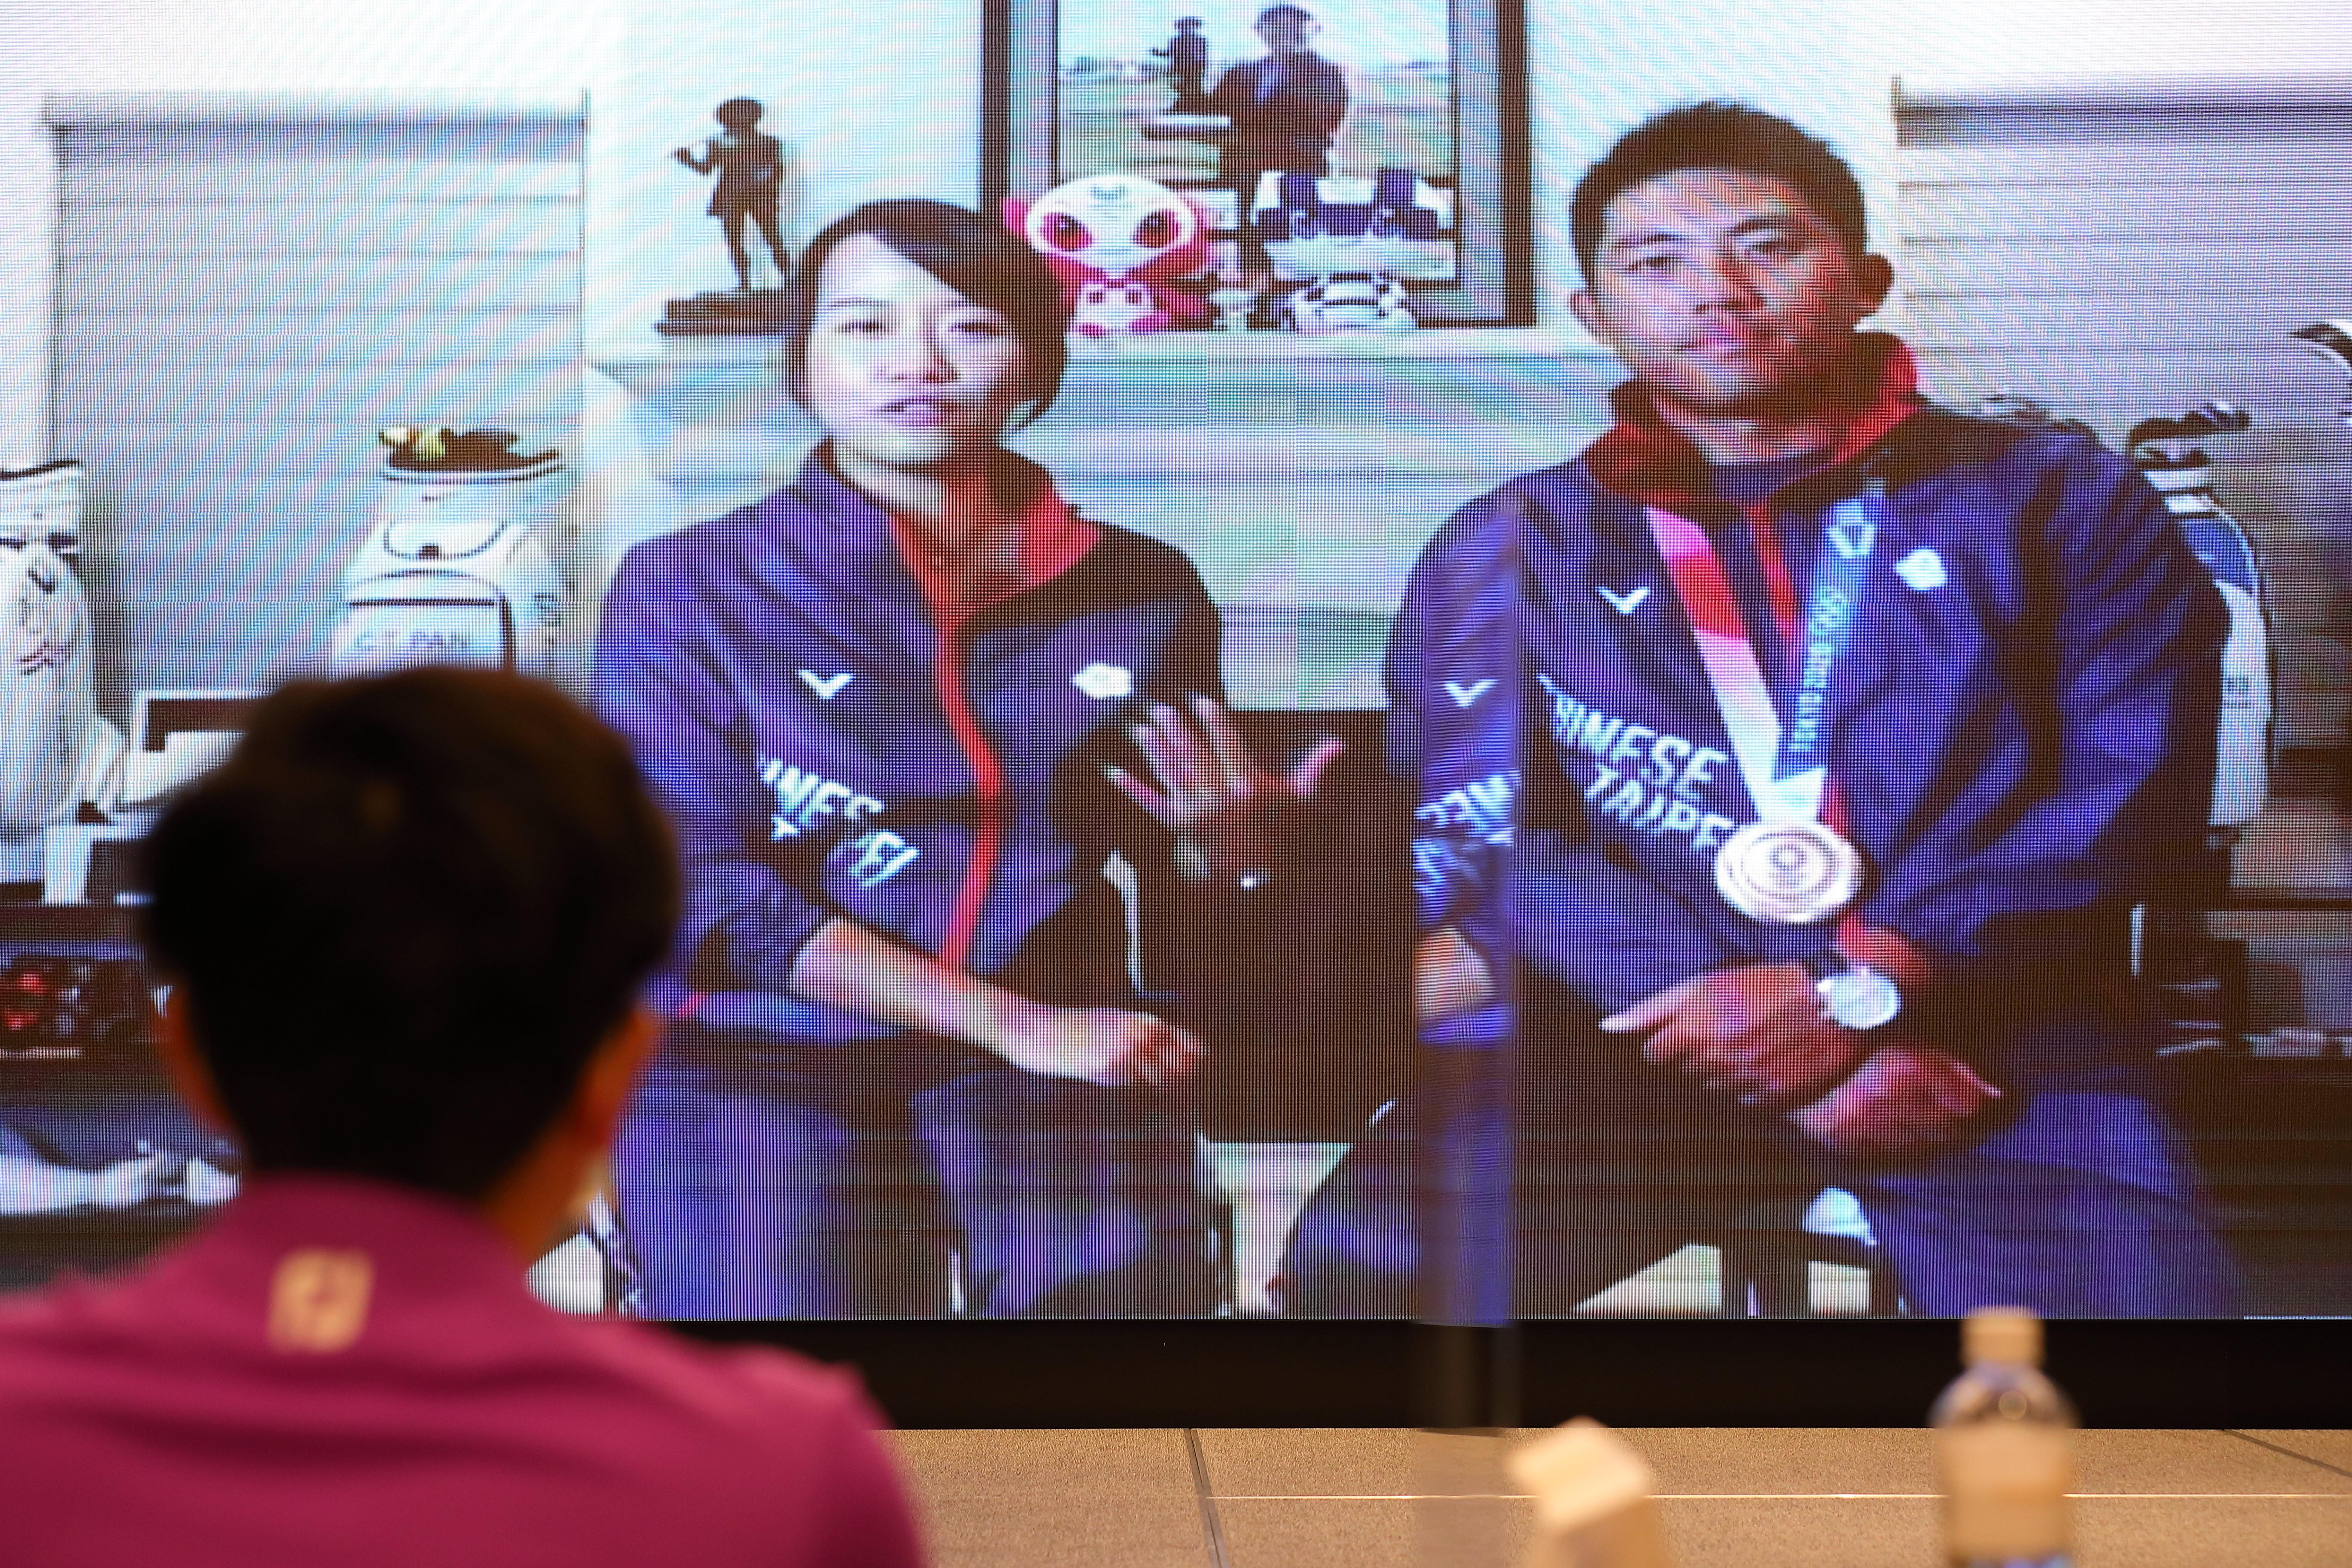 東京奧運,潘政琮,林盈君,職場,易經,家庭